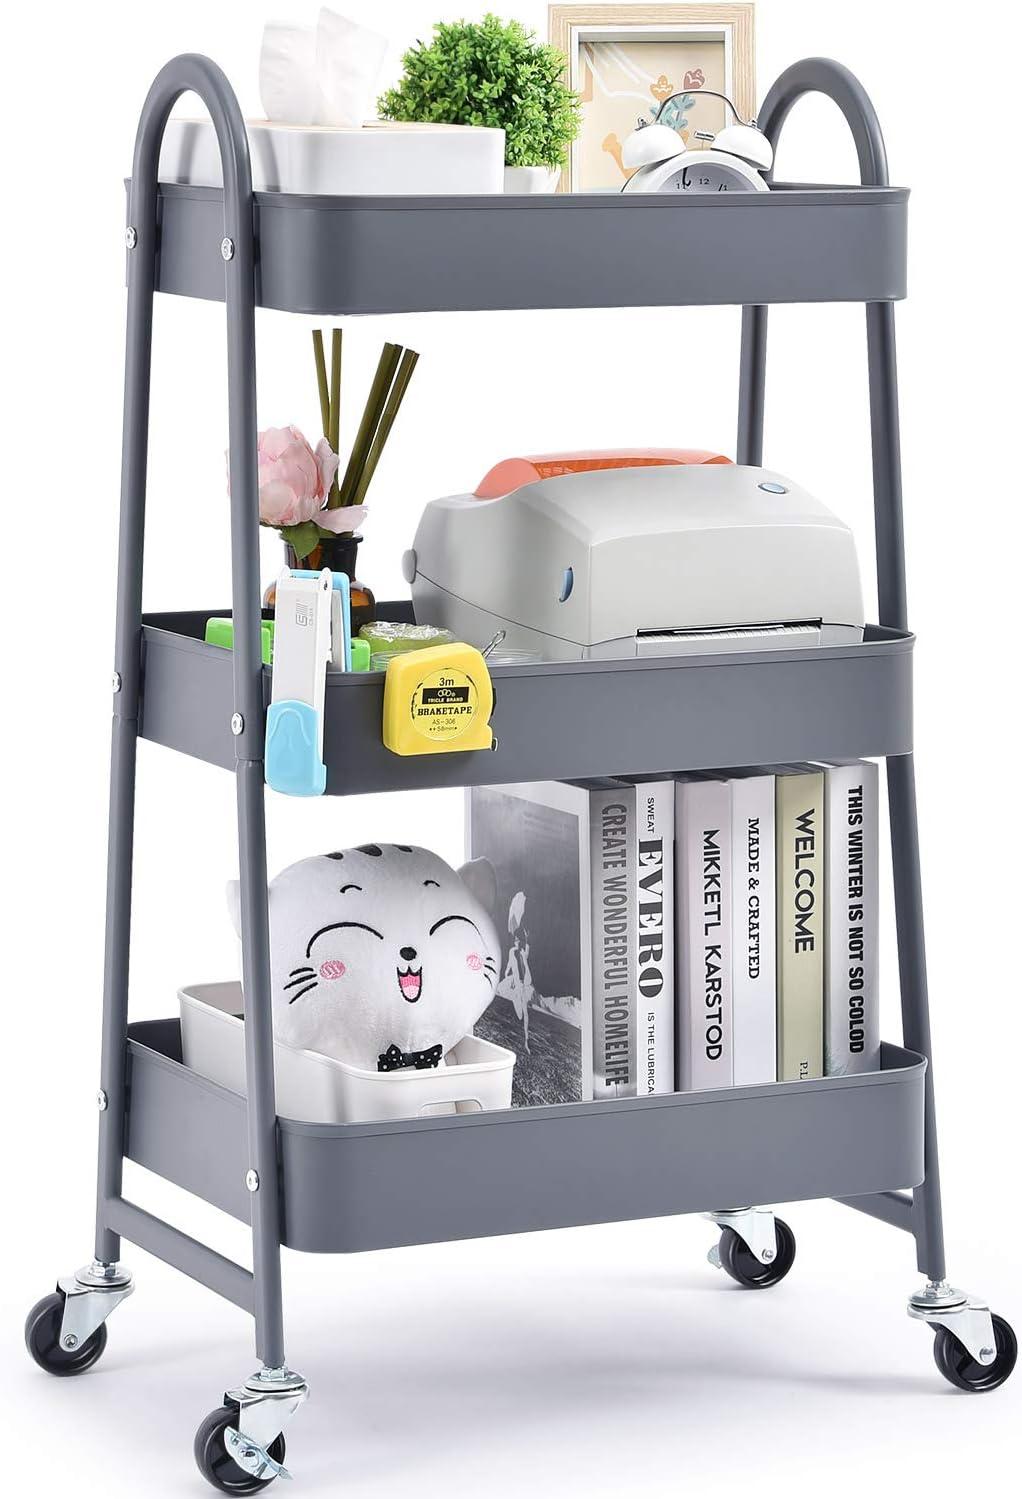 Carrito de almacenamiento Kingrack, carro de almacenamiento, carro de 3 niveles con gran almacenamiento y ruedas de metal para oficina, cocina, dormitorio, baño